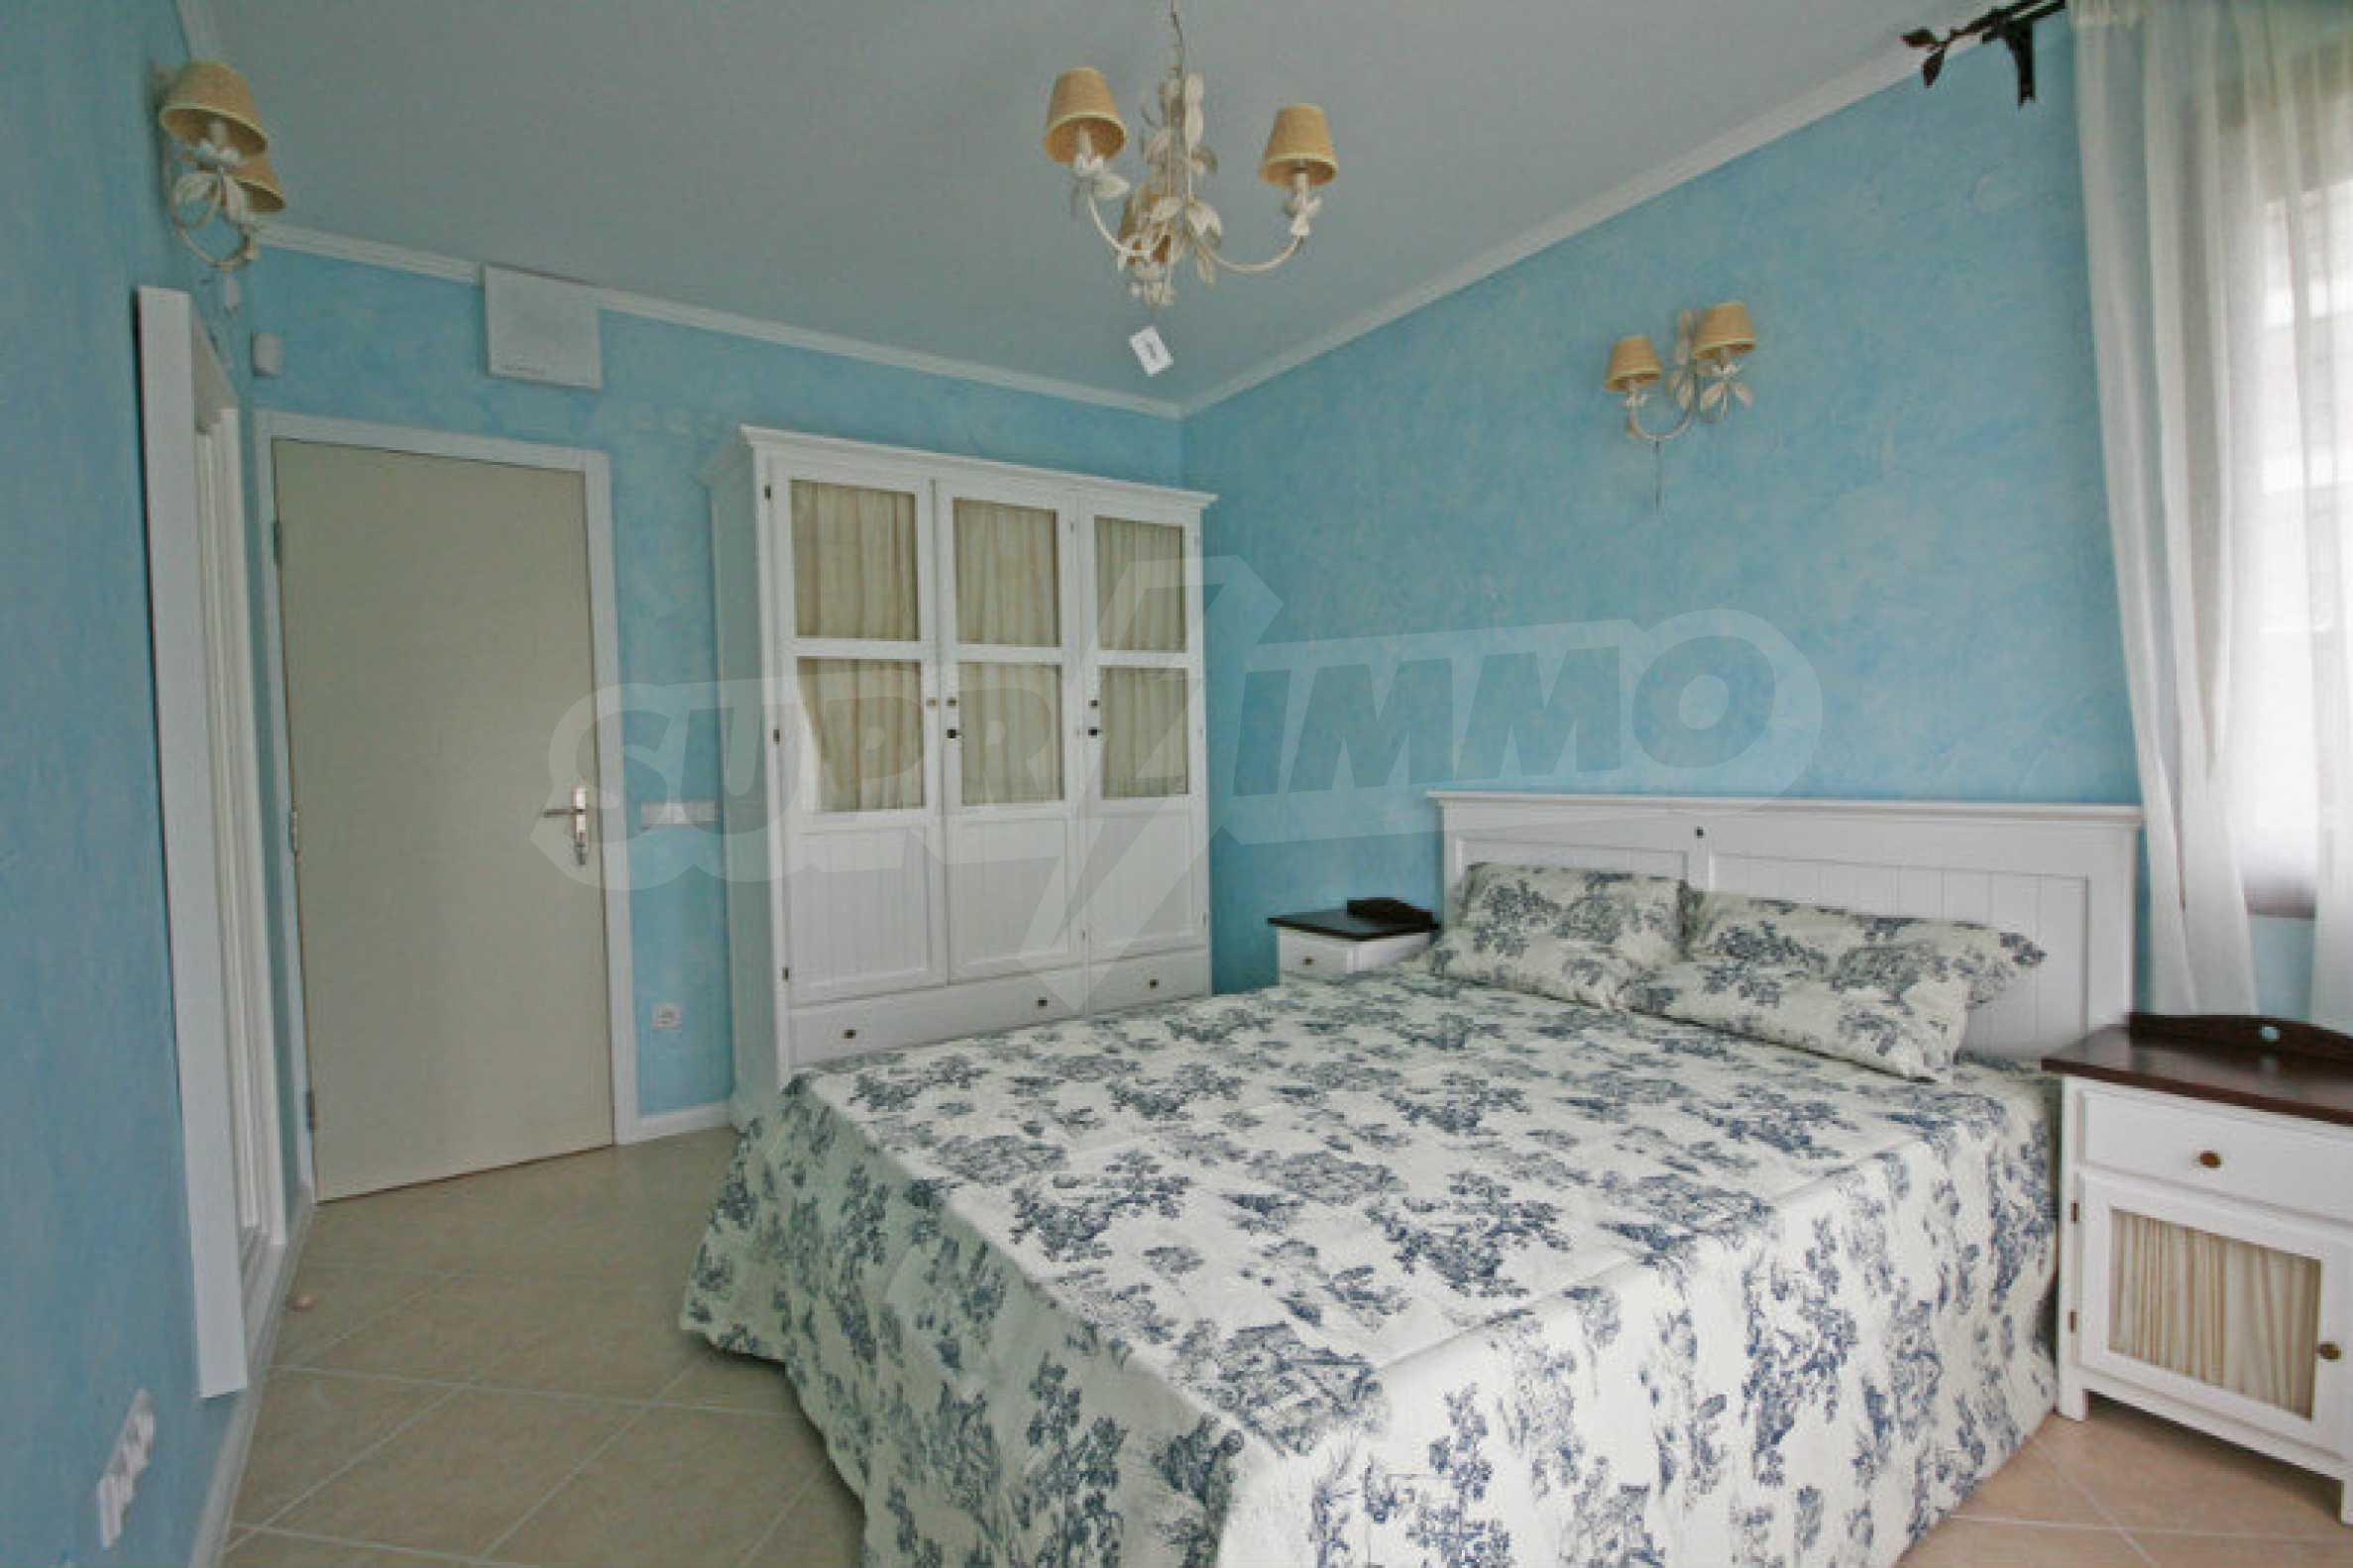 Двустаен апартамент в елитен комплекс на морето в Лозенец 5